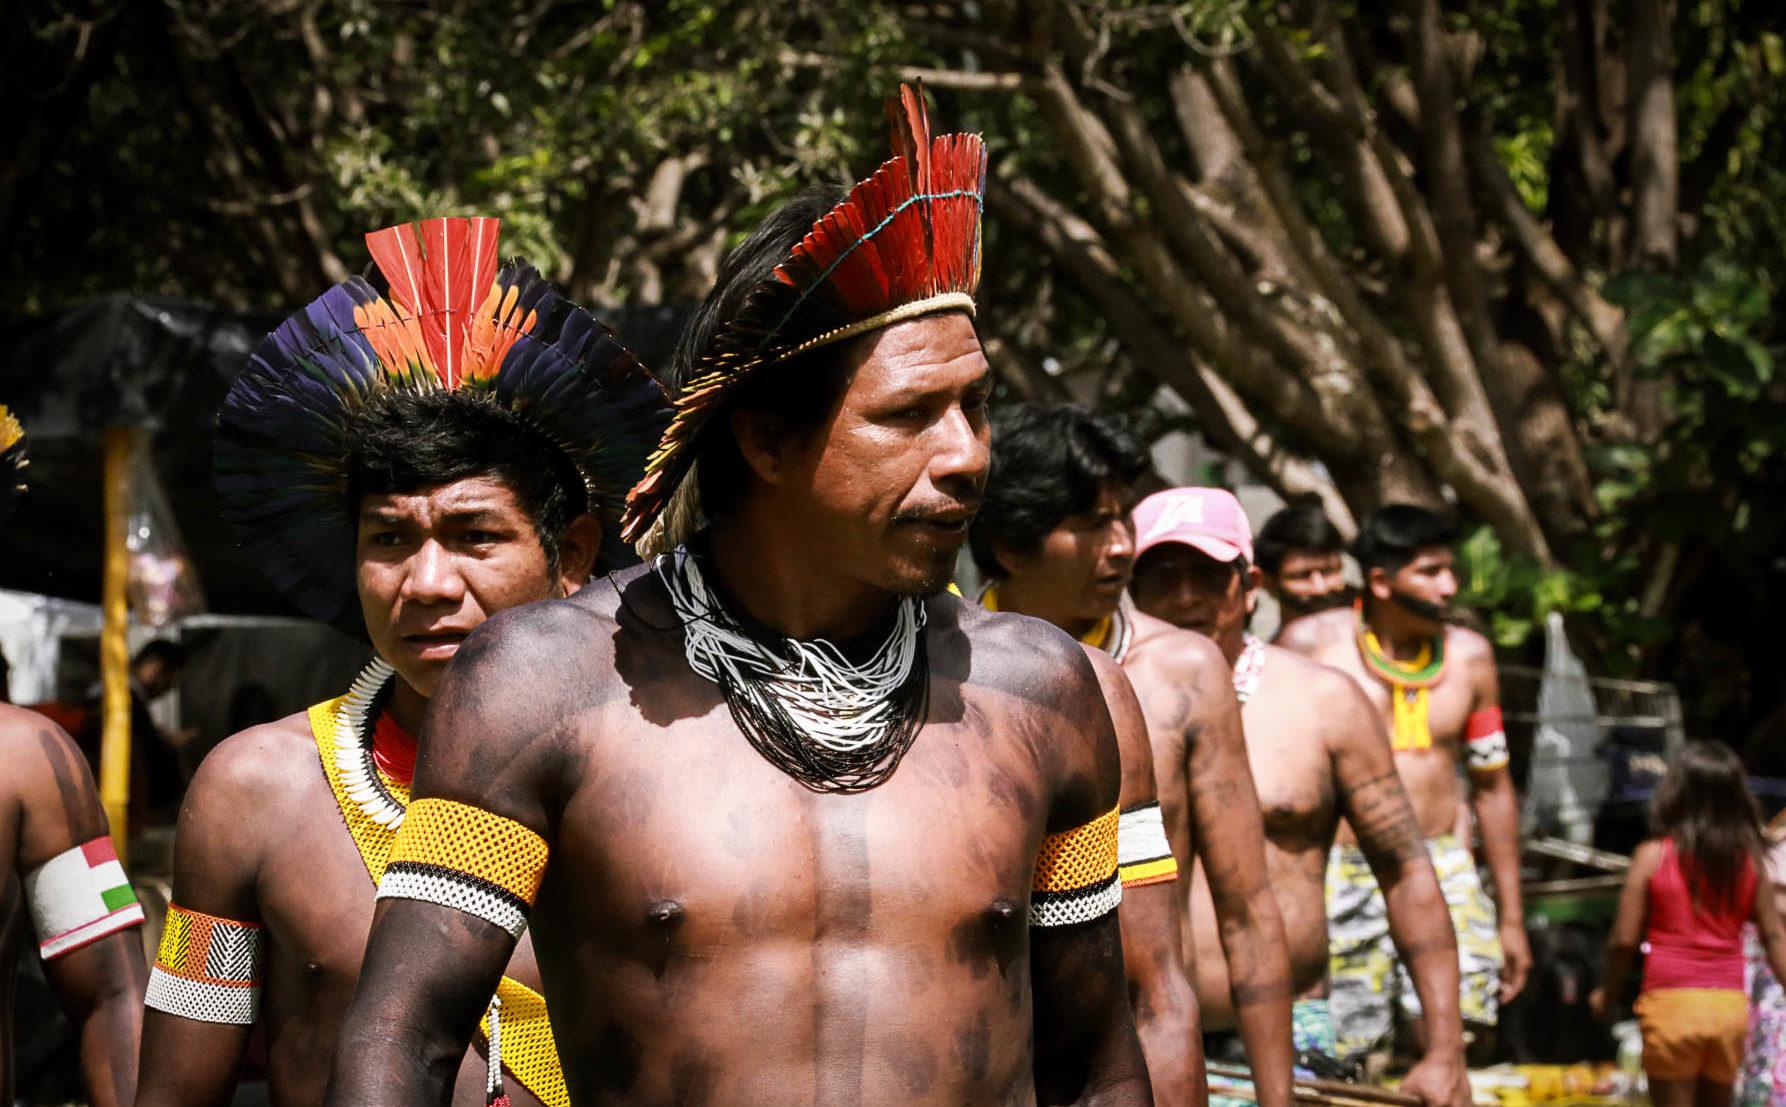 Distante do Planalto, ATL começa em Brasília reafirmando direitos dos povos indígenas